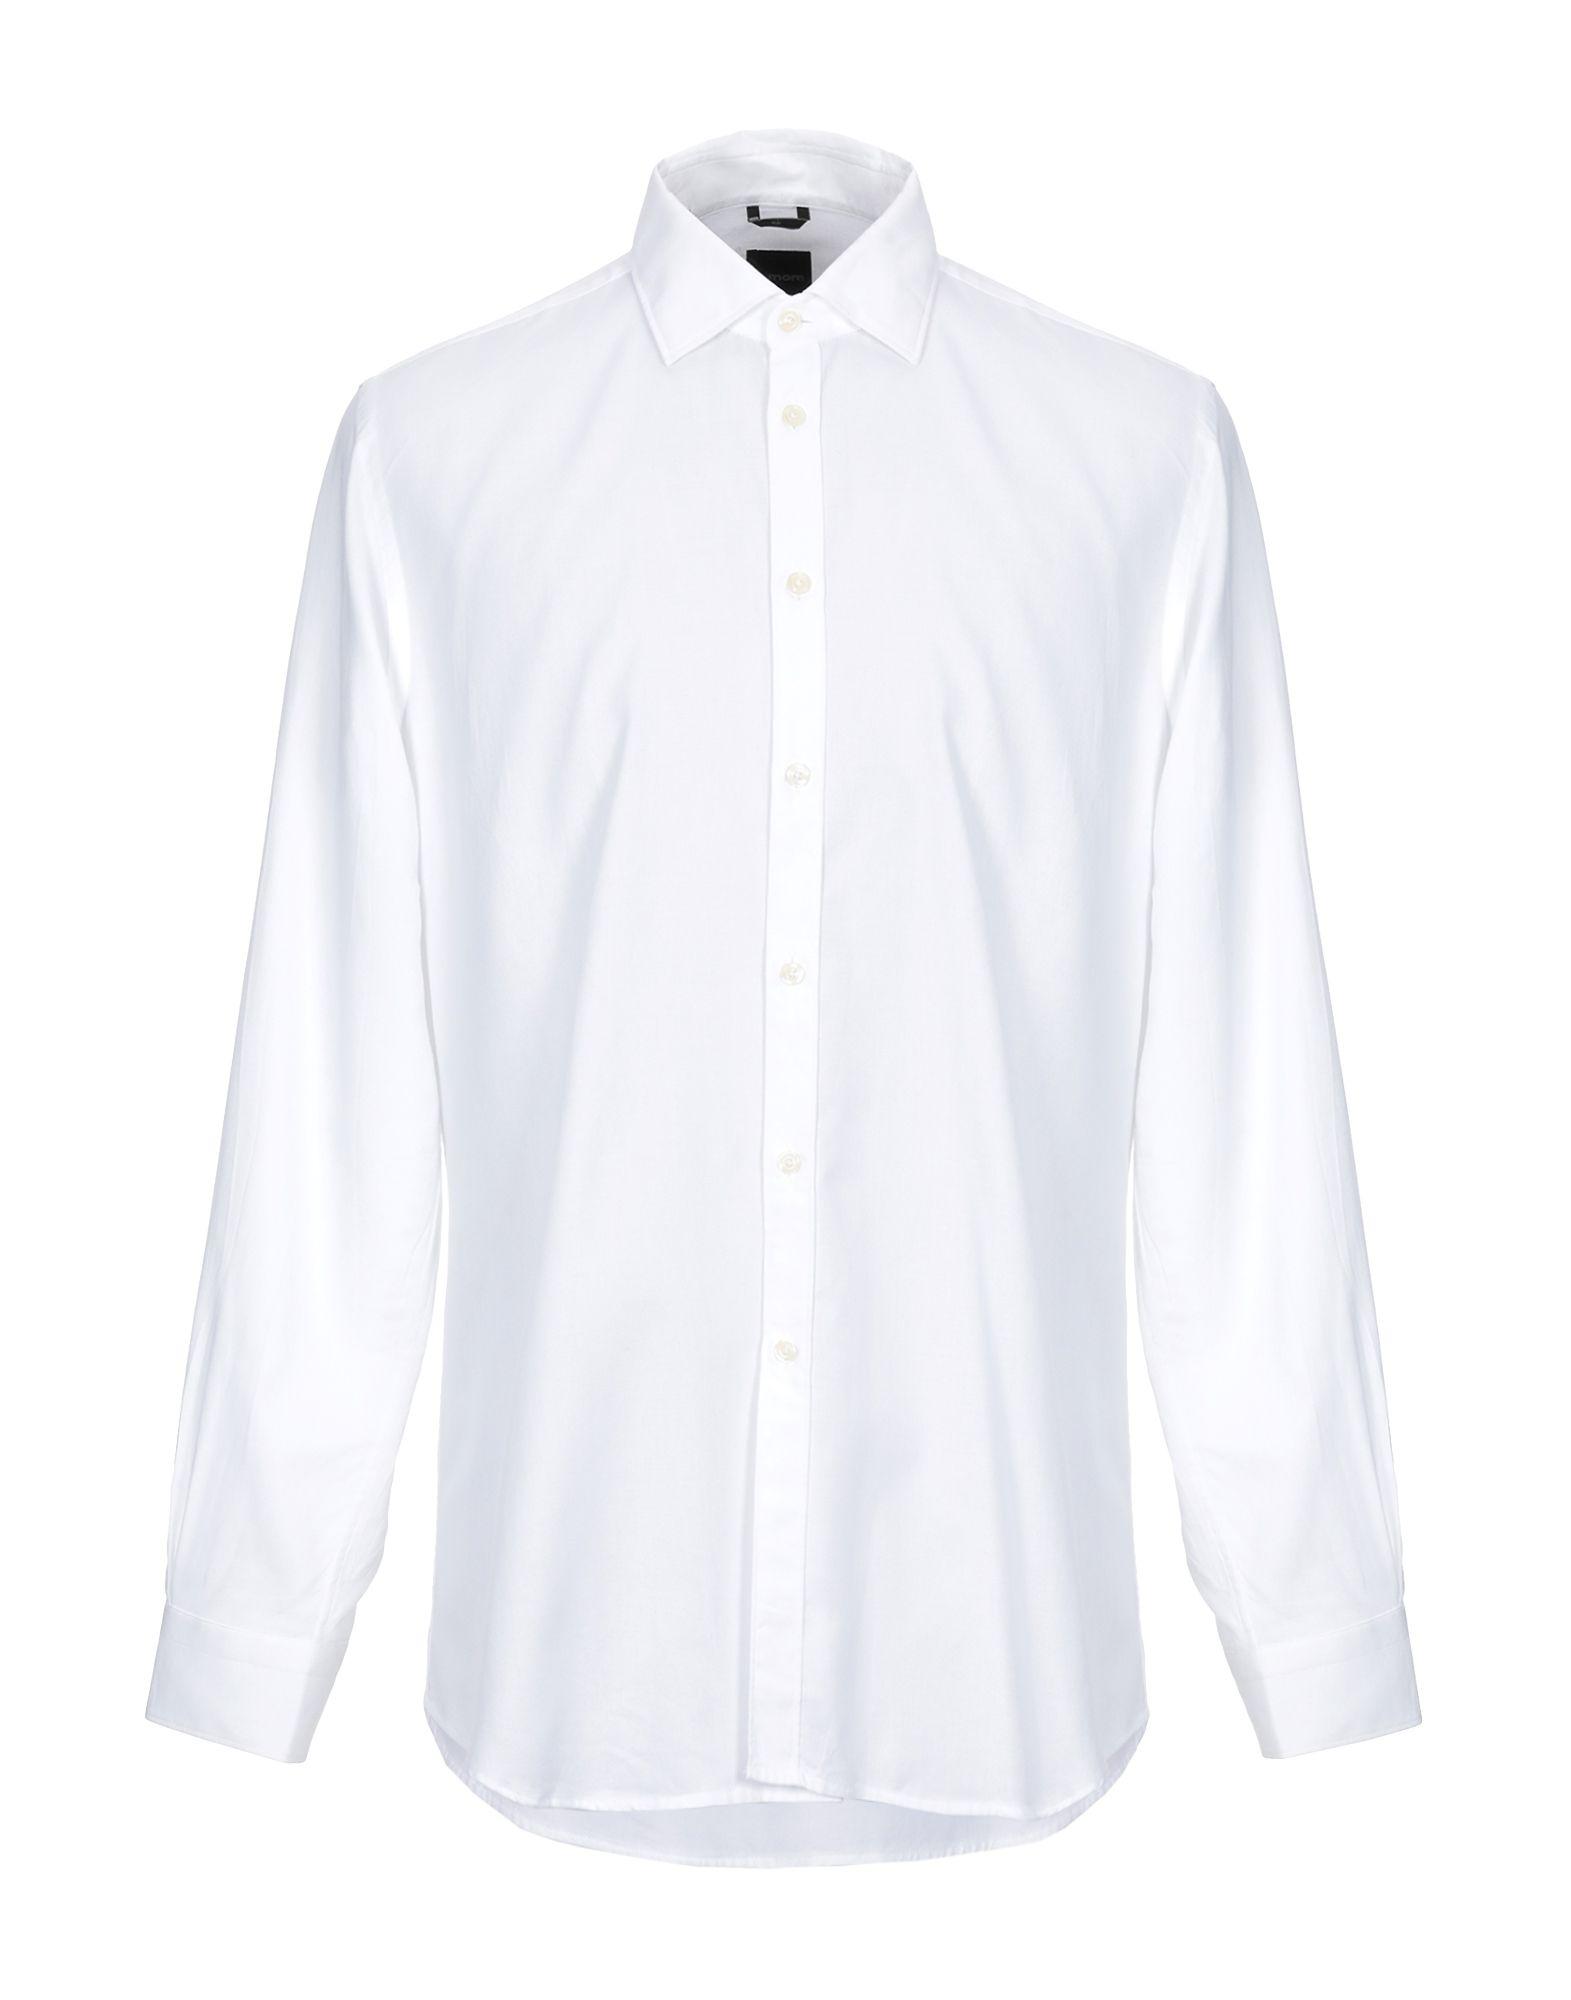 《セール開催中》B>MORE メンズ シャツ ホワイト 44 コットン 100%